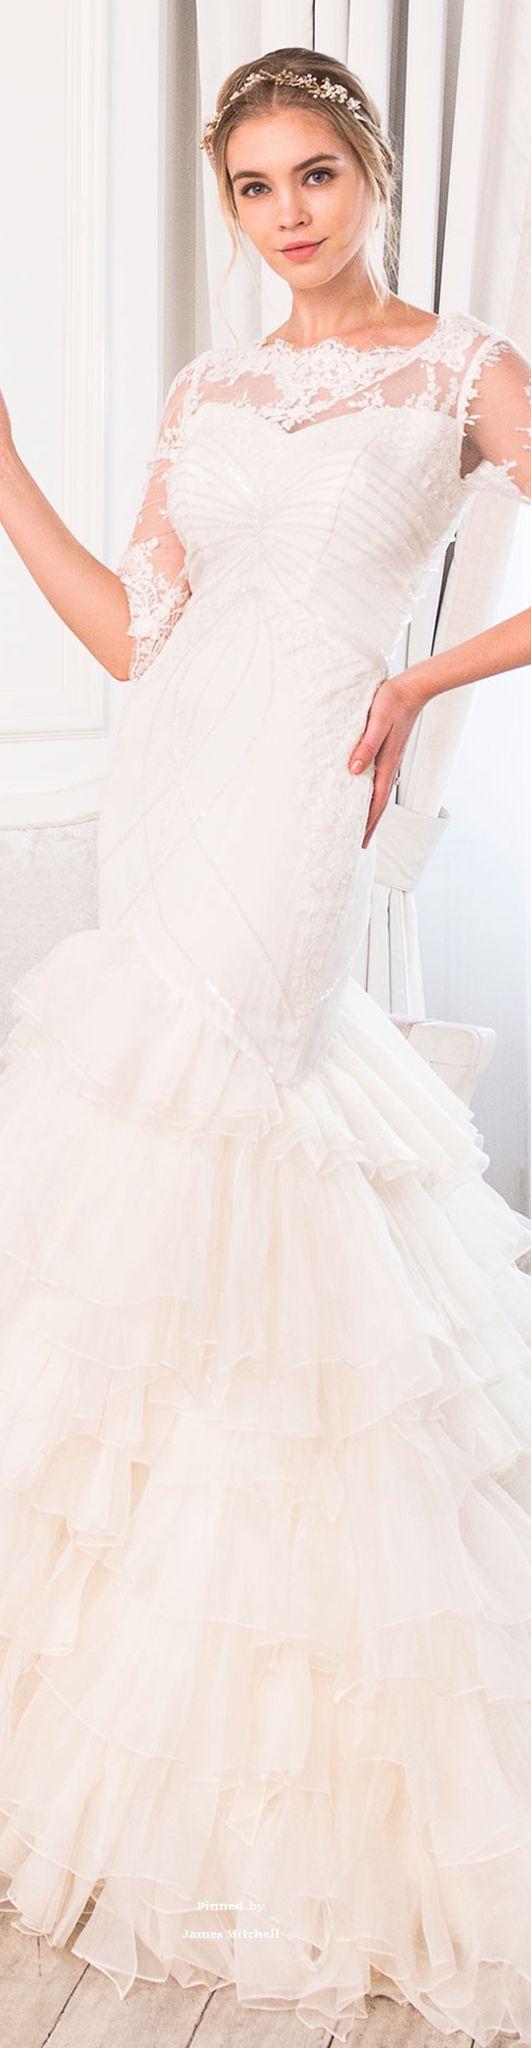 Rania Hatoum  Collection Spring 2017 Bridal